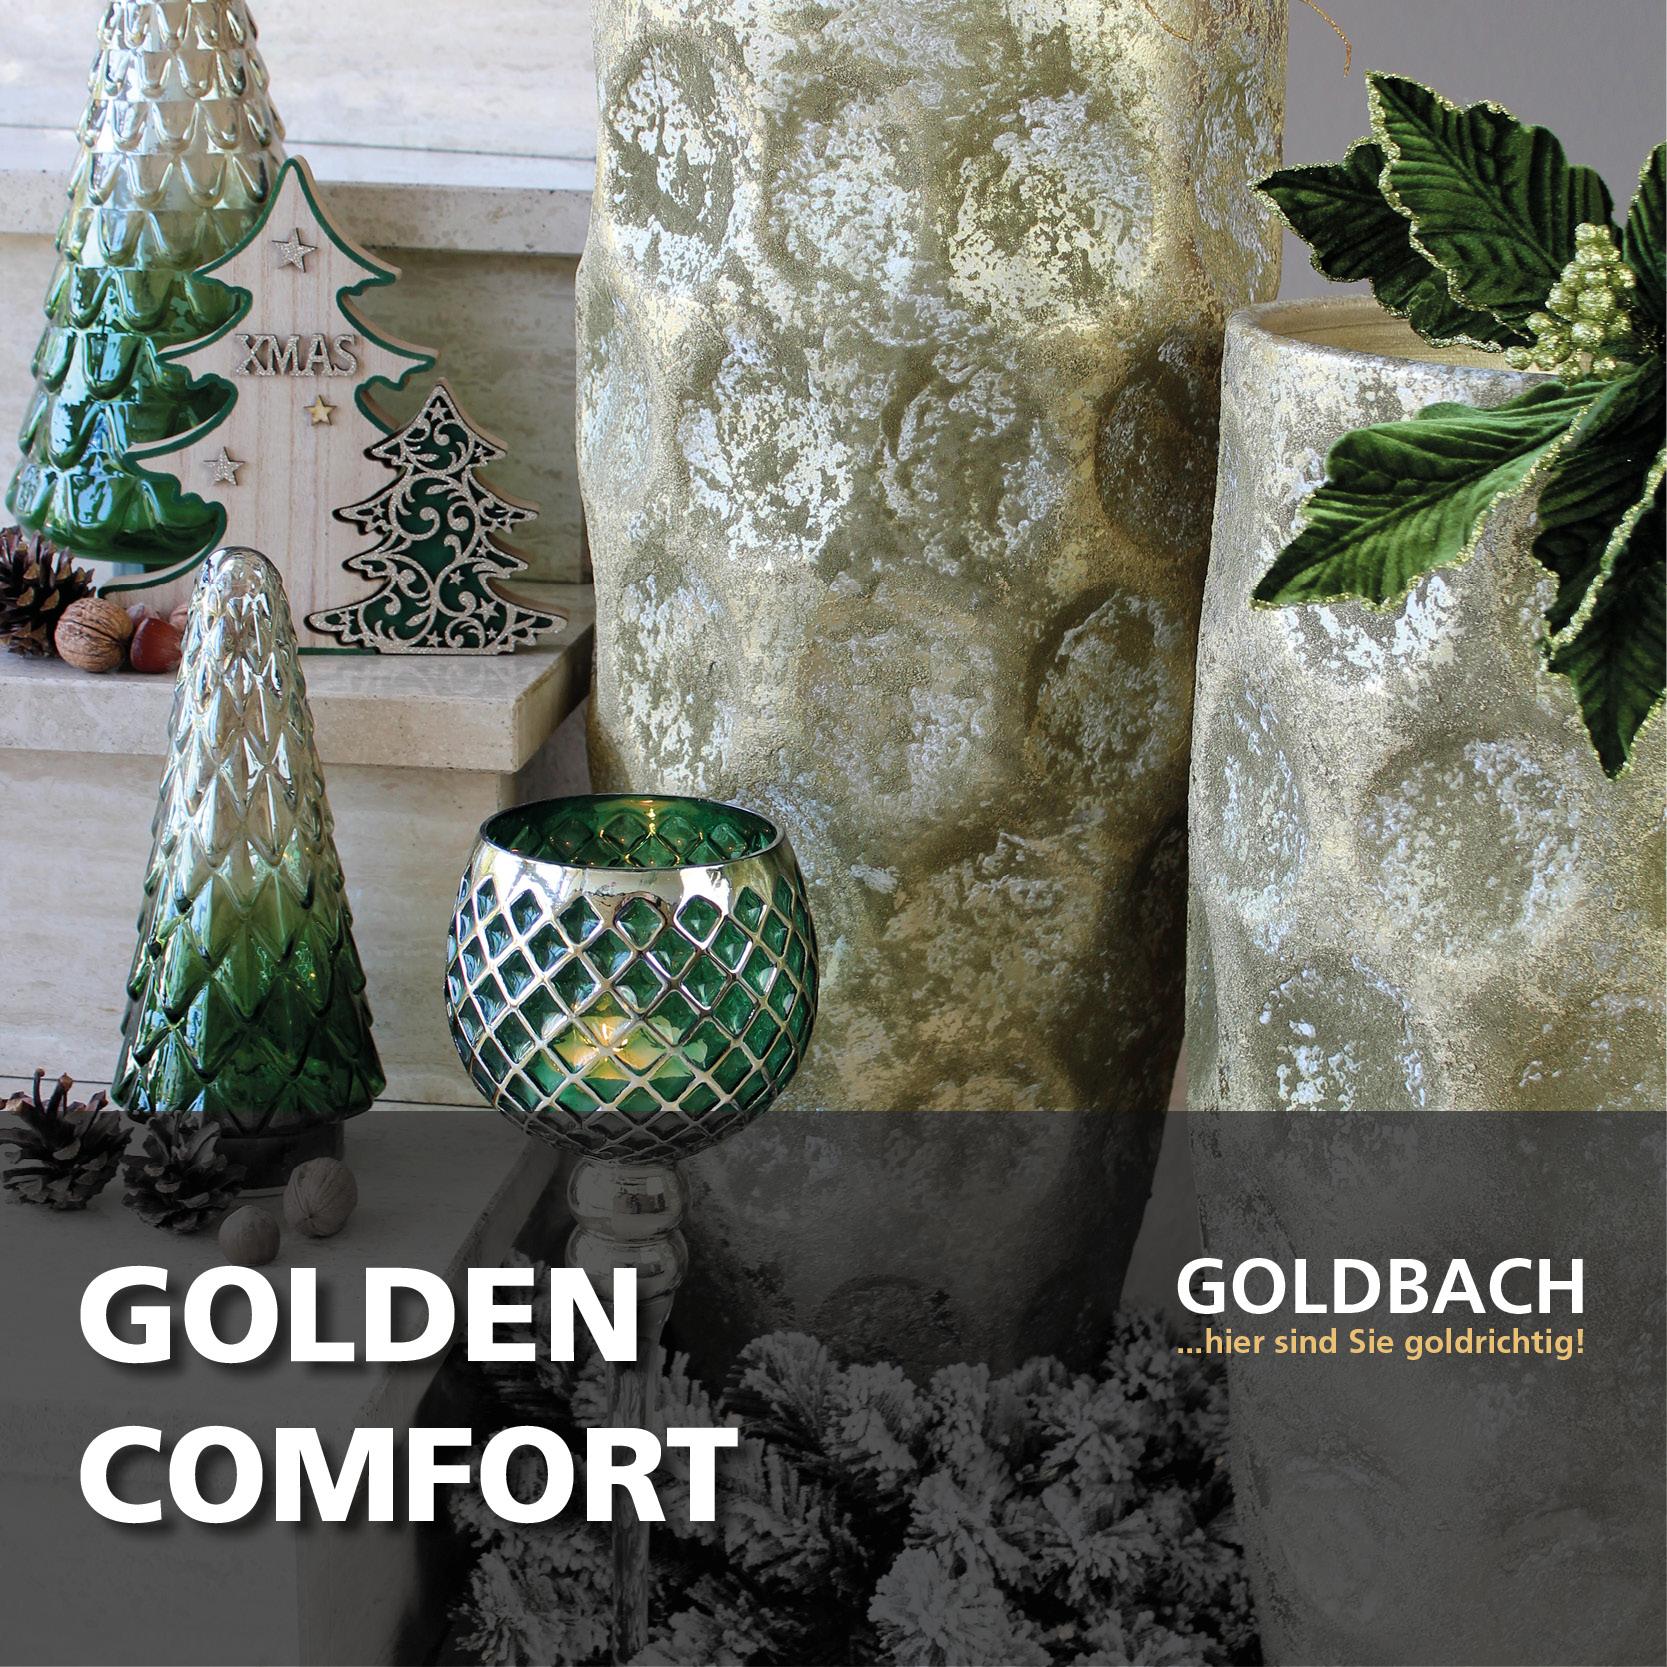 3_Golden_Comfort